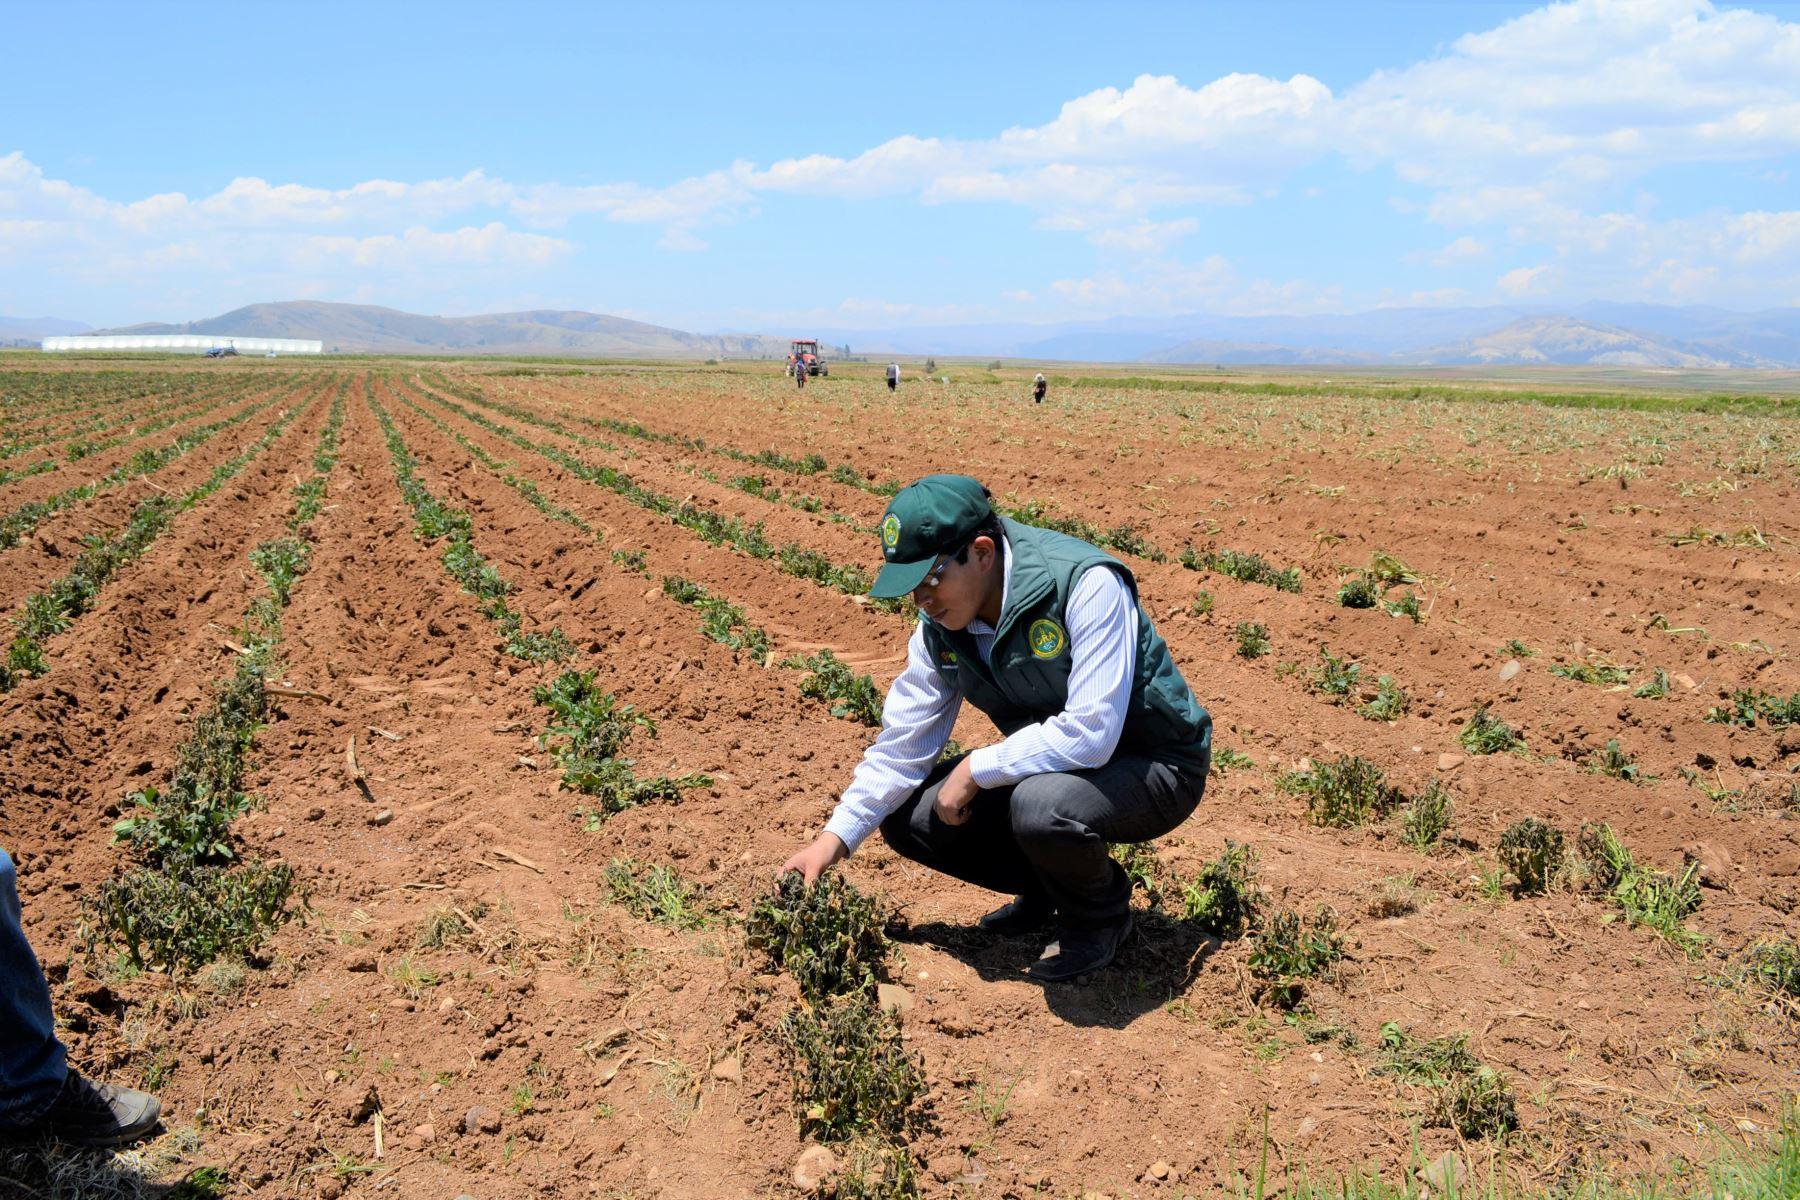 fae-agro-ejecutivo-extendio-la-cobertura-del-riesgo-crediticio-del-programa-hasta-junio-de-2021